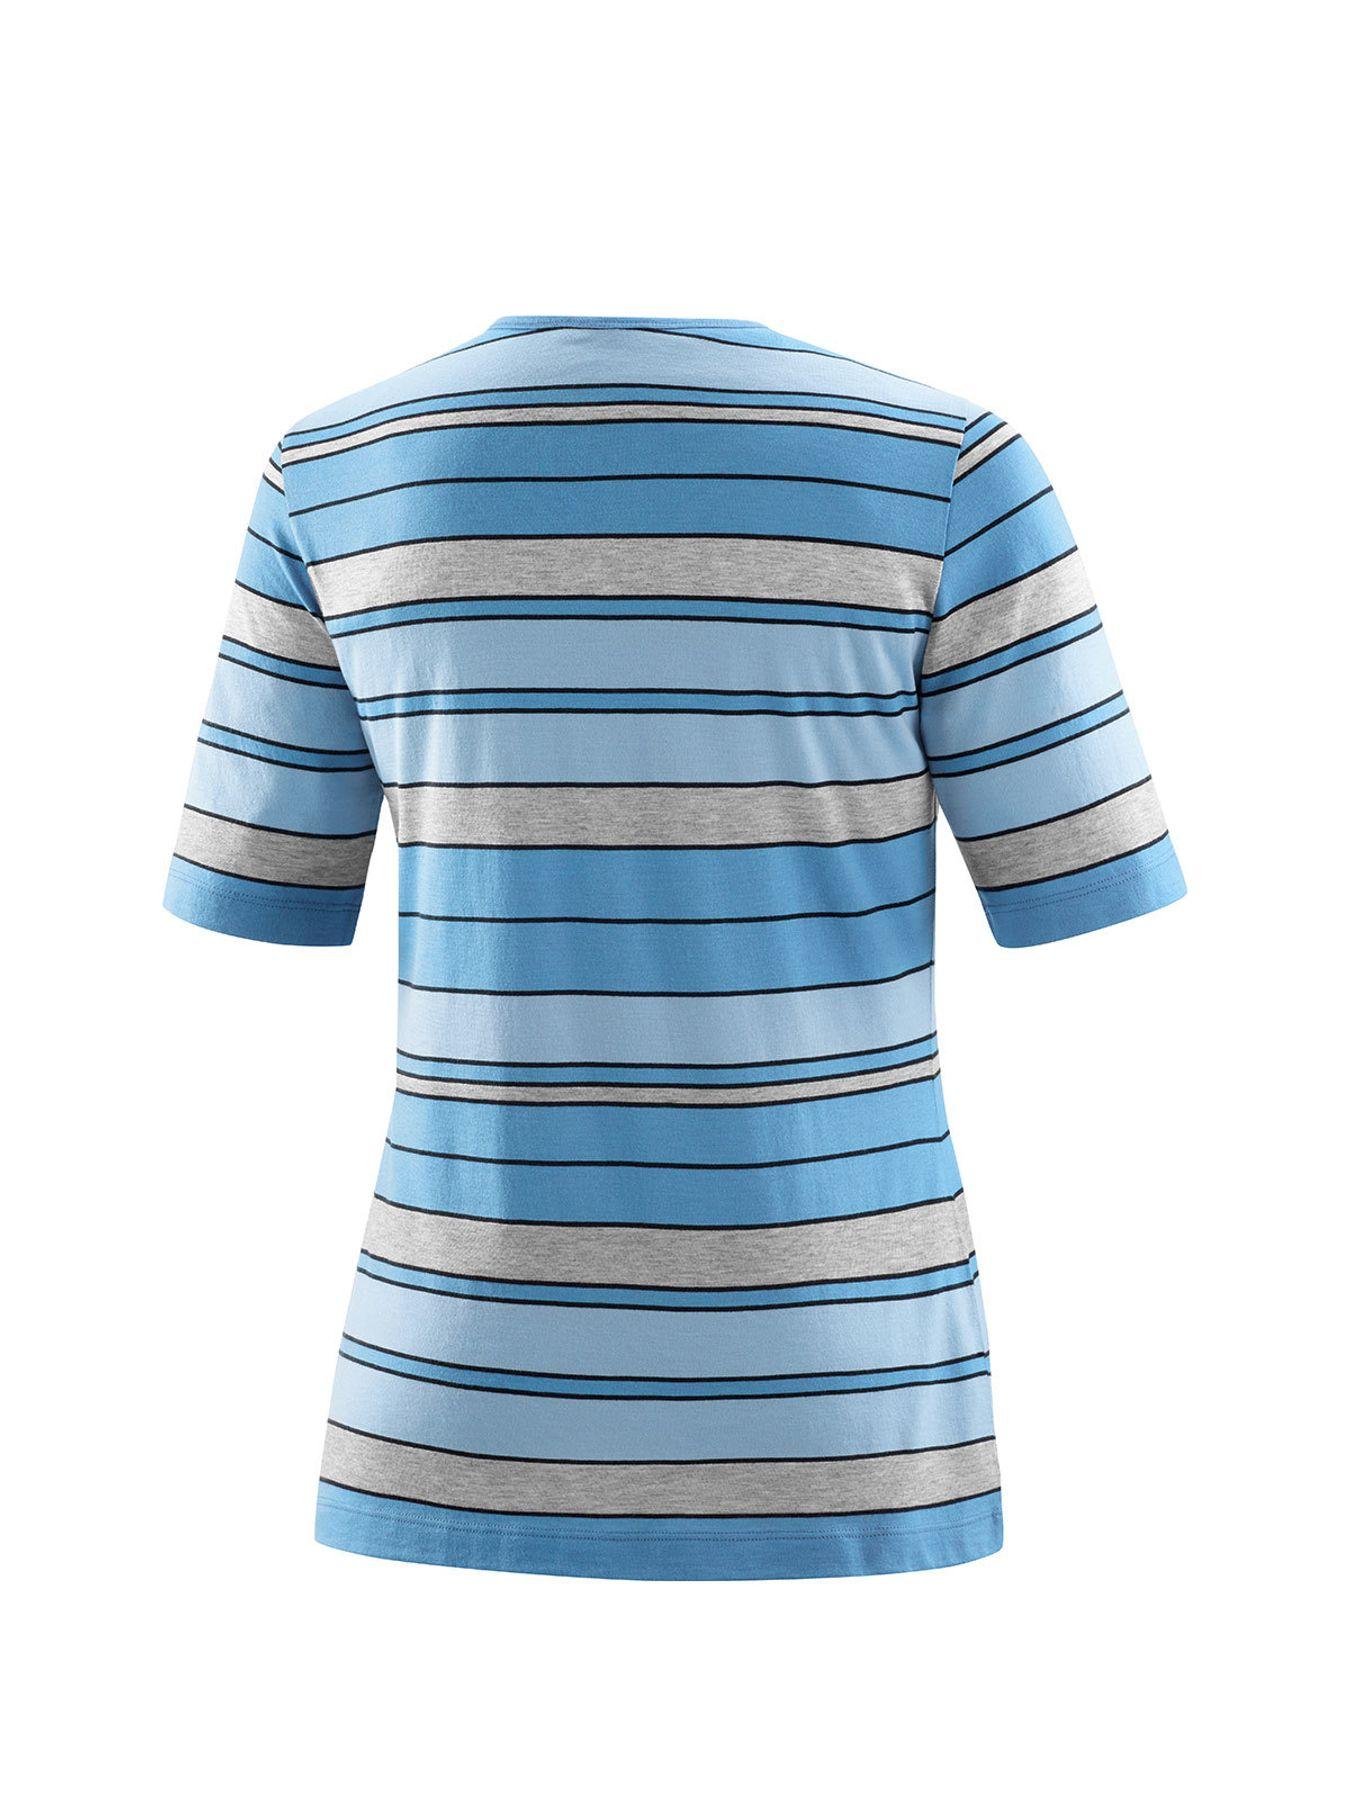 Joy - Damen Sport und Freizeit Shirt im Streifenmuster, Witta (30191) – Bild 13